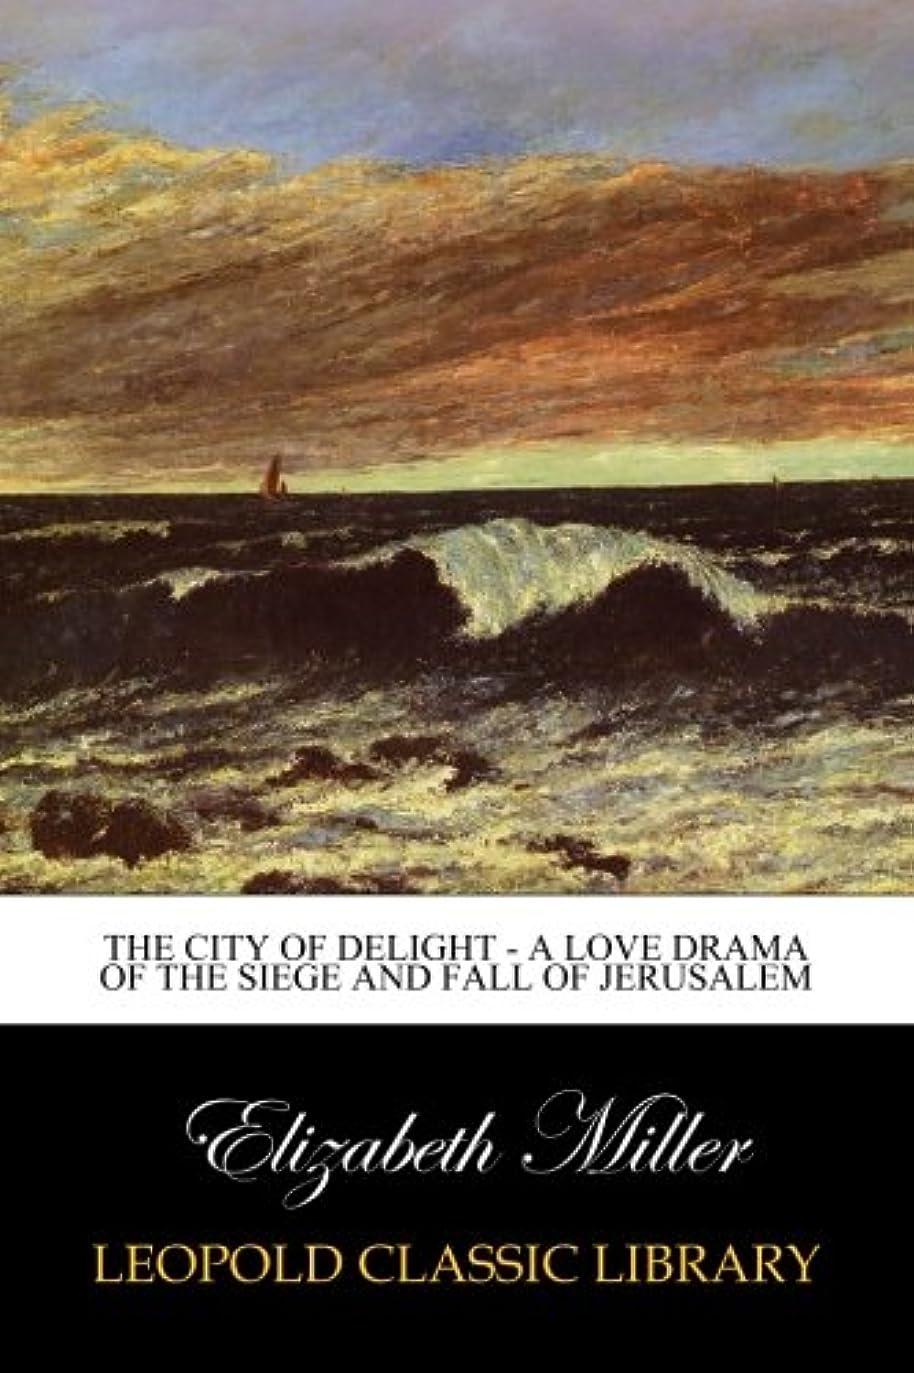 その他全員説得力のあるThe City of Delight - A Love Drama of the Siege and Fall of Jerusalem